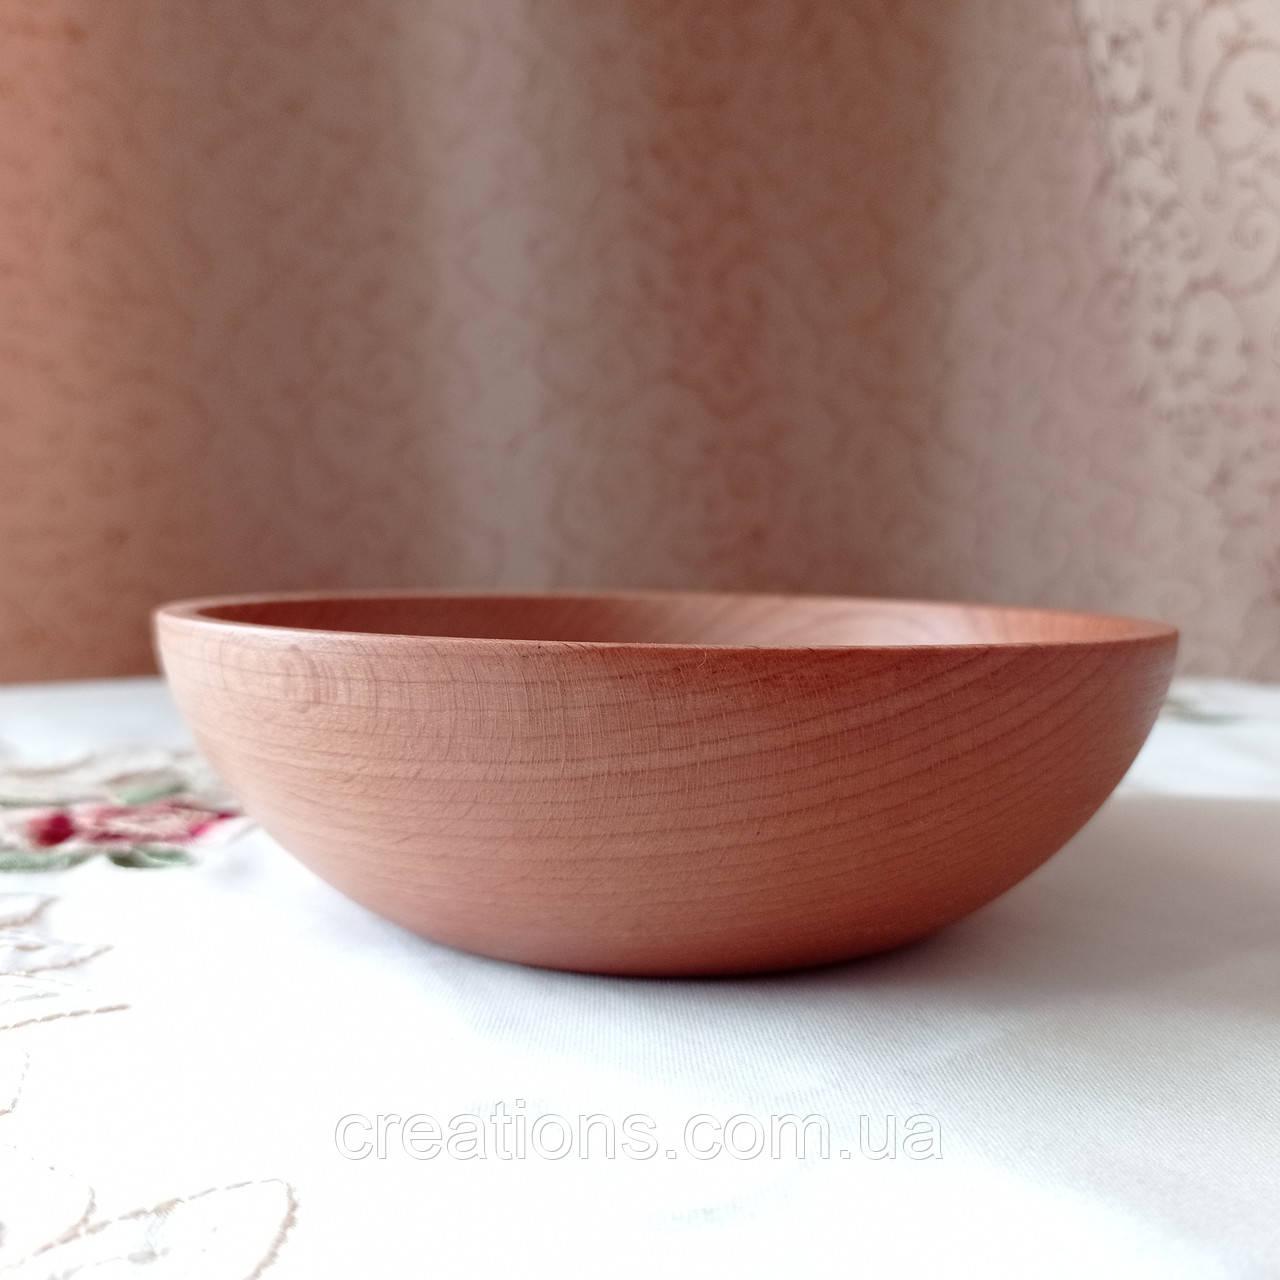 Пиала деревянная 17 см. глубокая тарелка для подачи